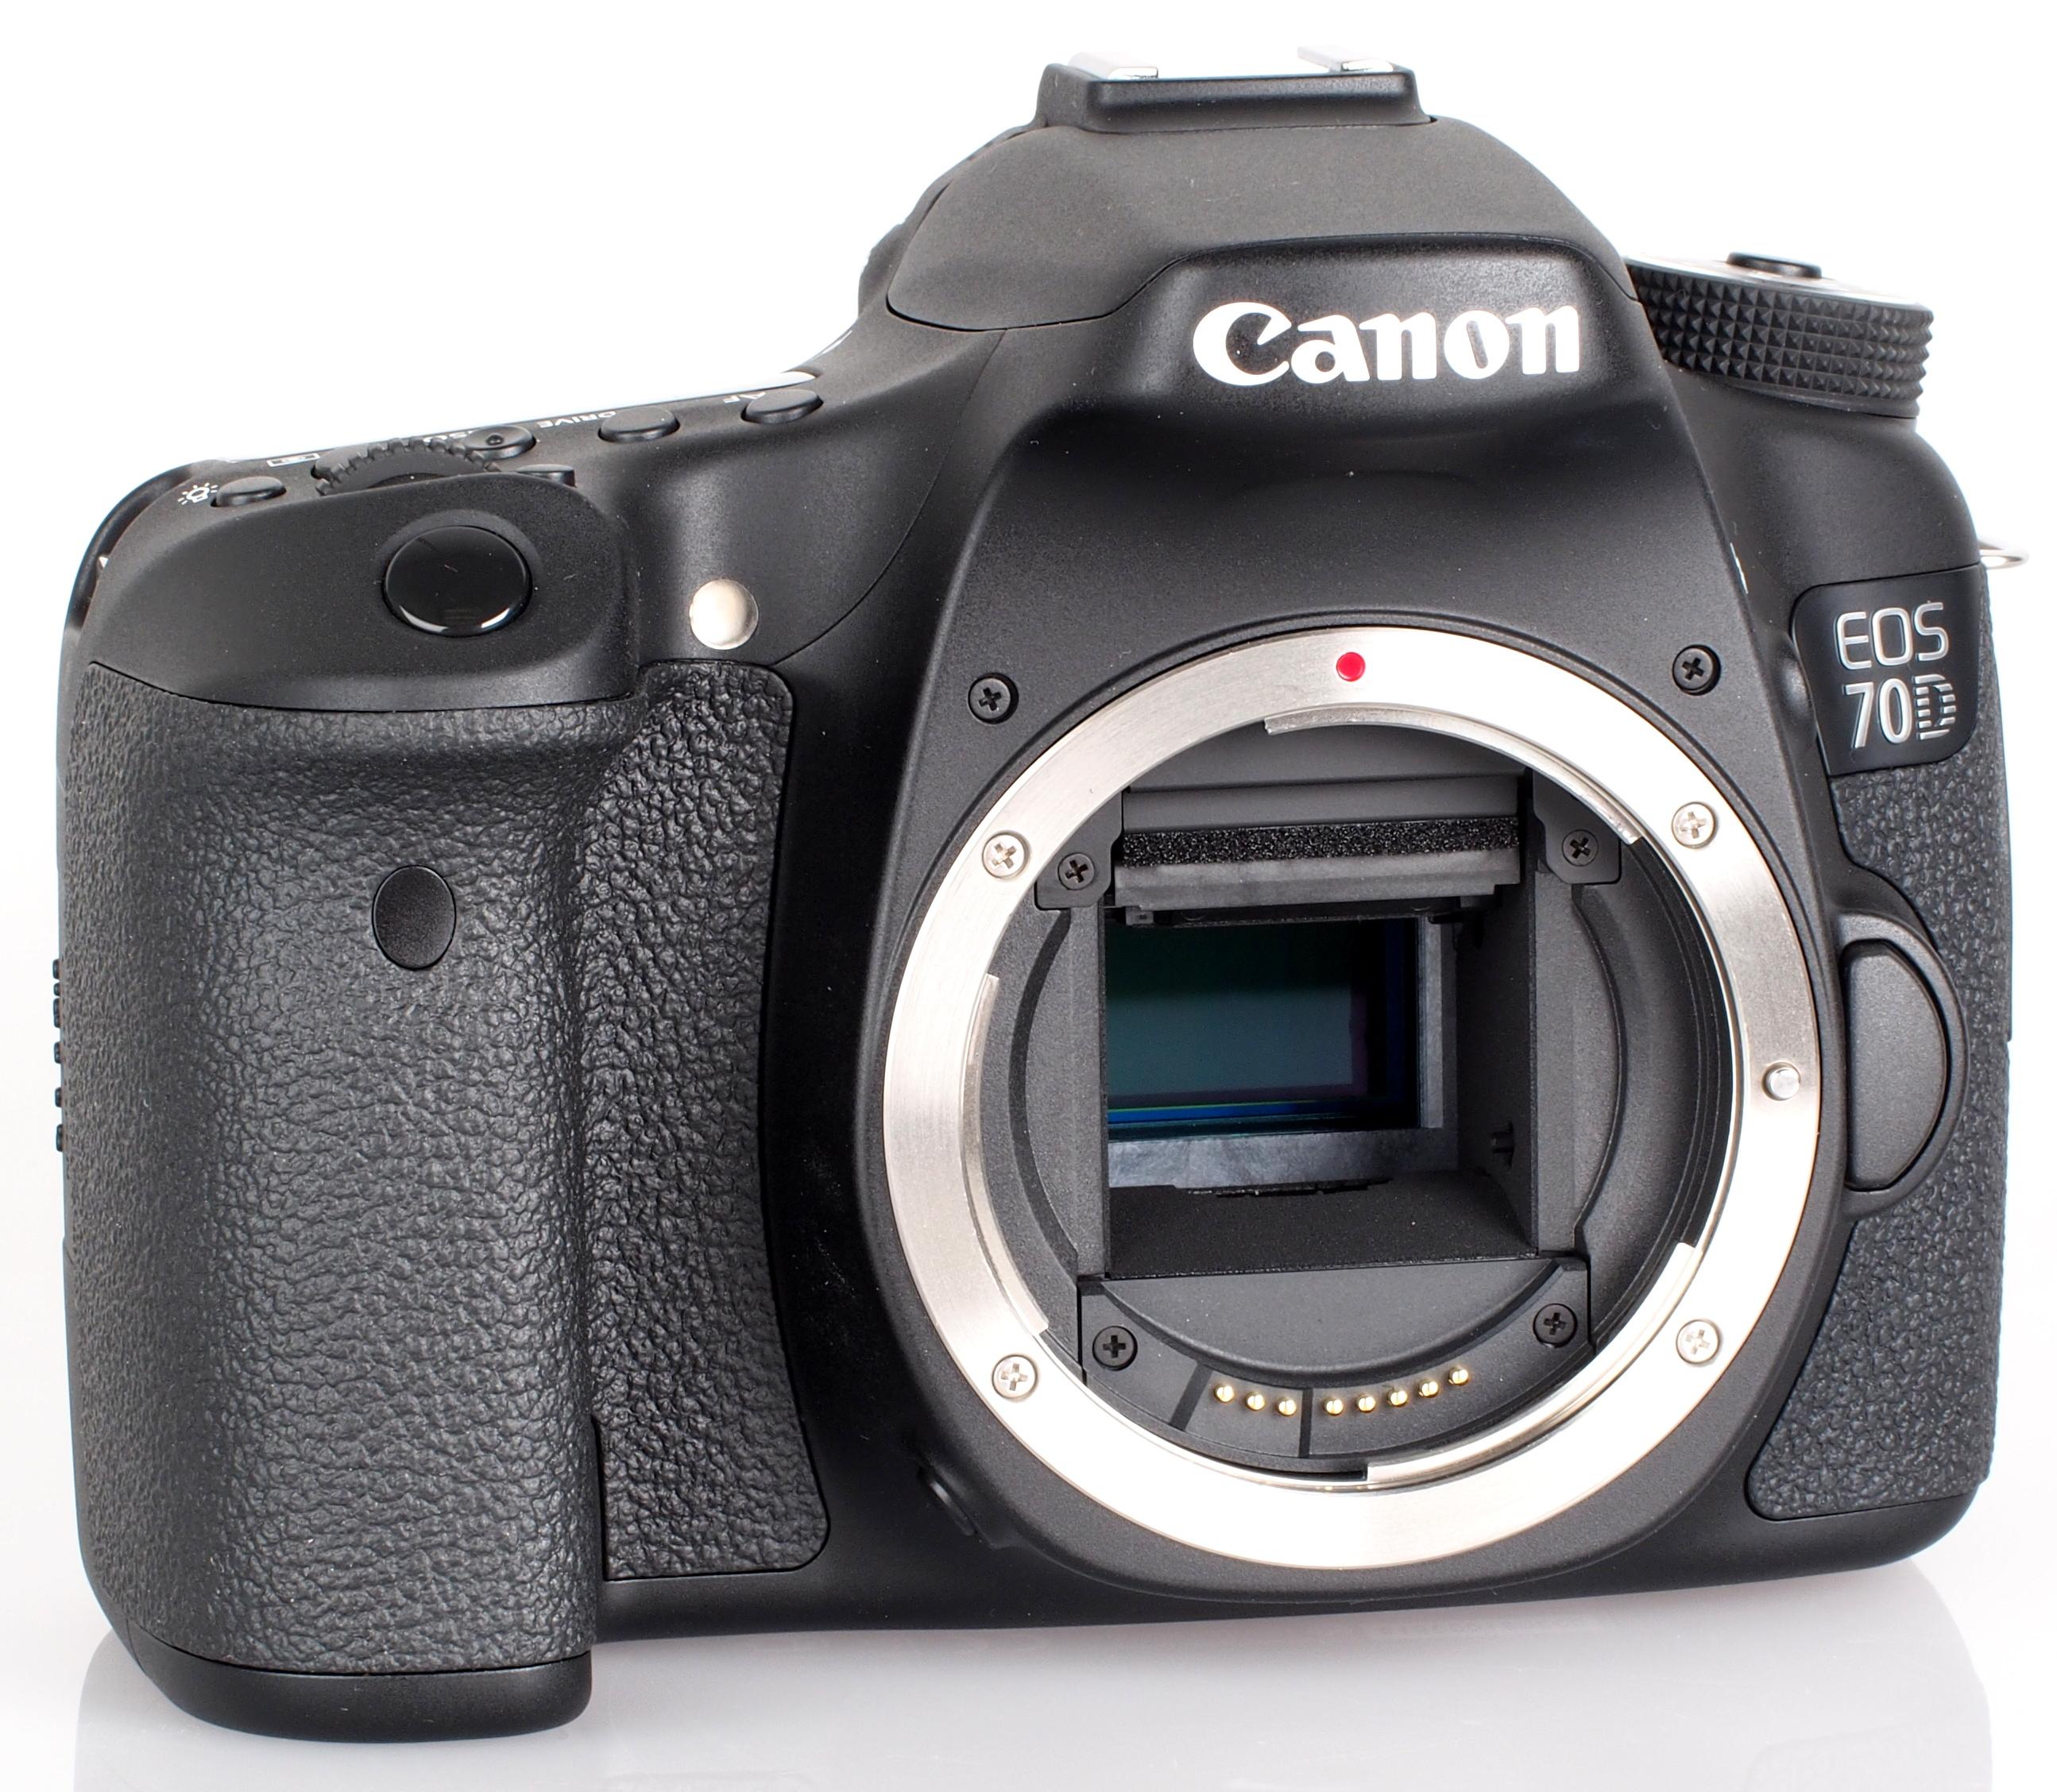 Canon EOS 70D DSLR Review | ePHOTOzine